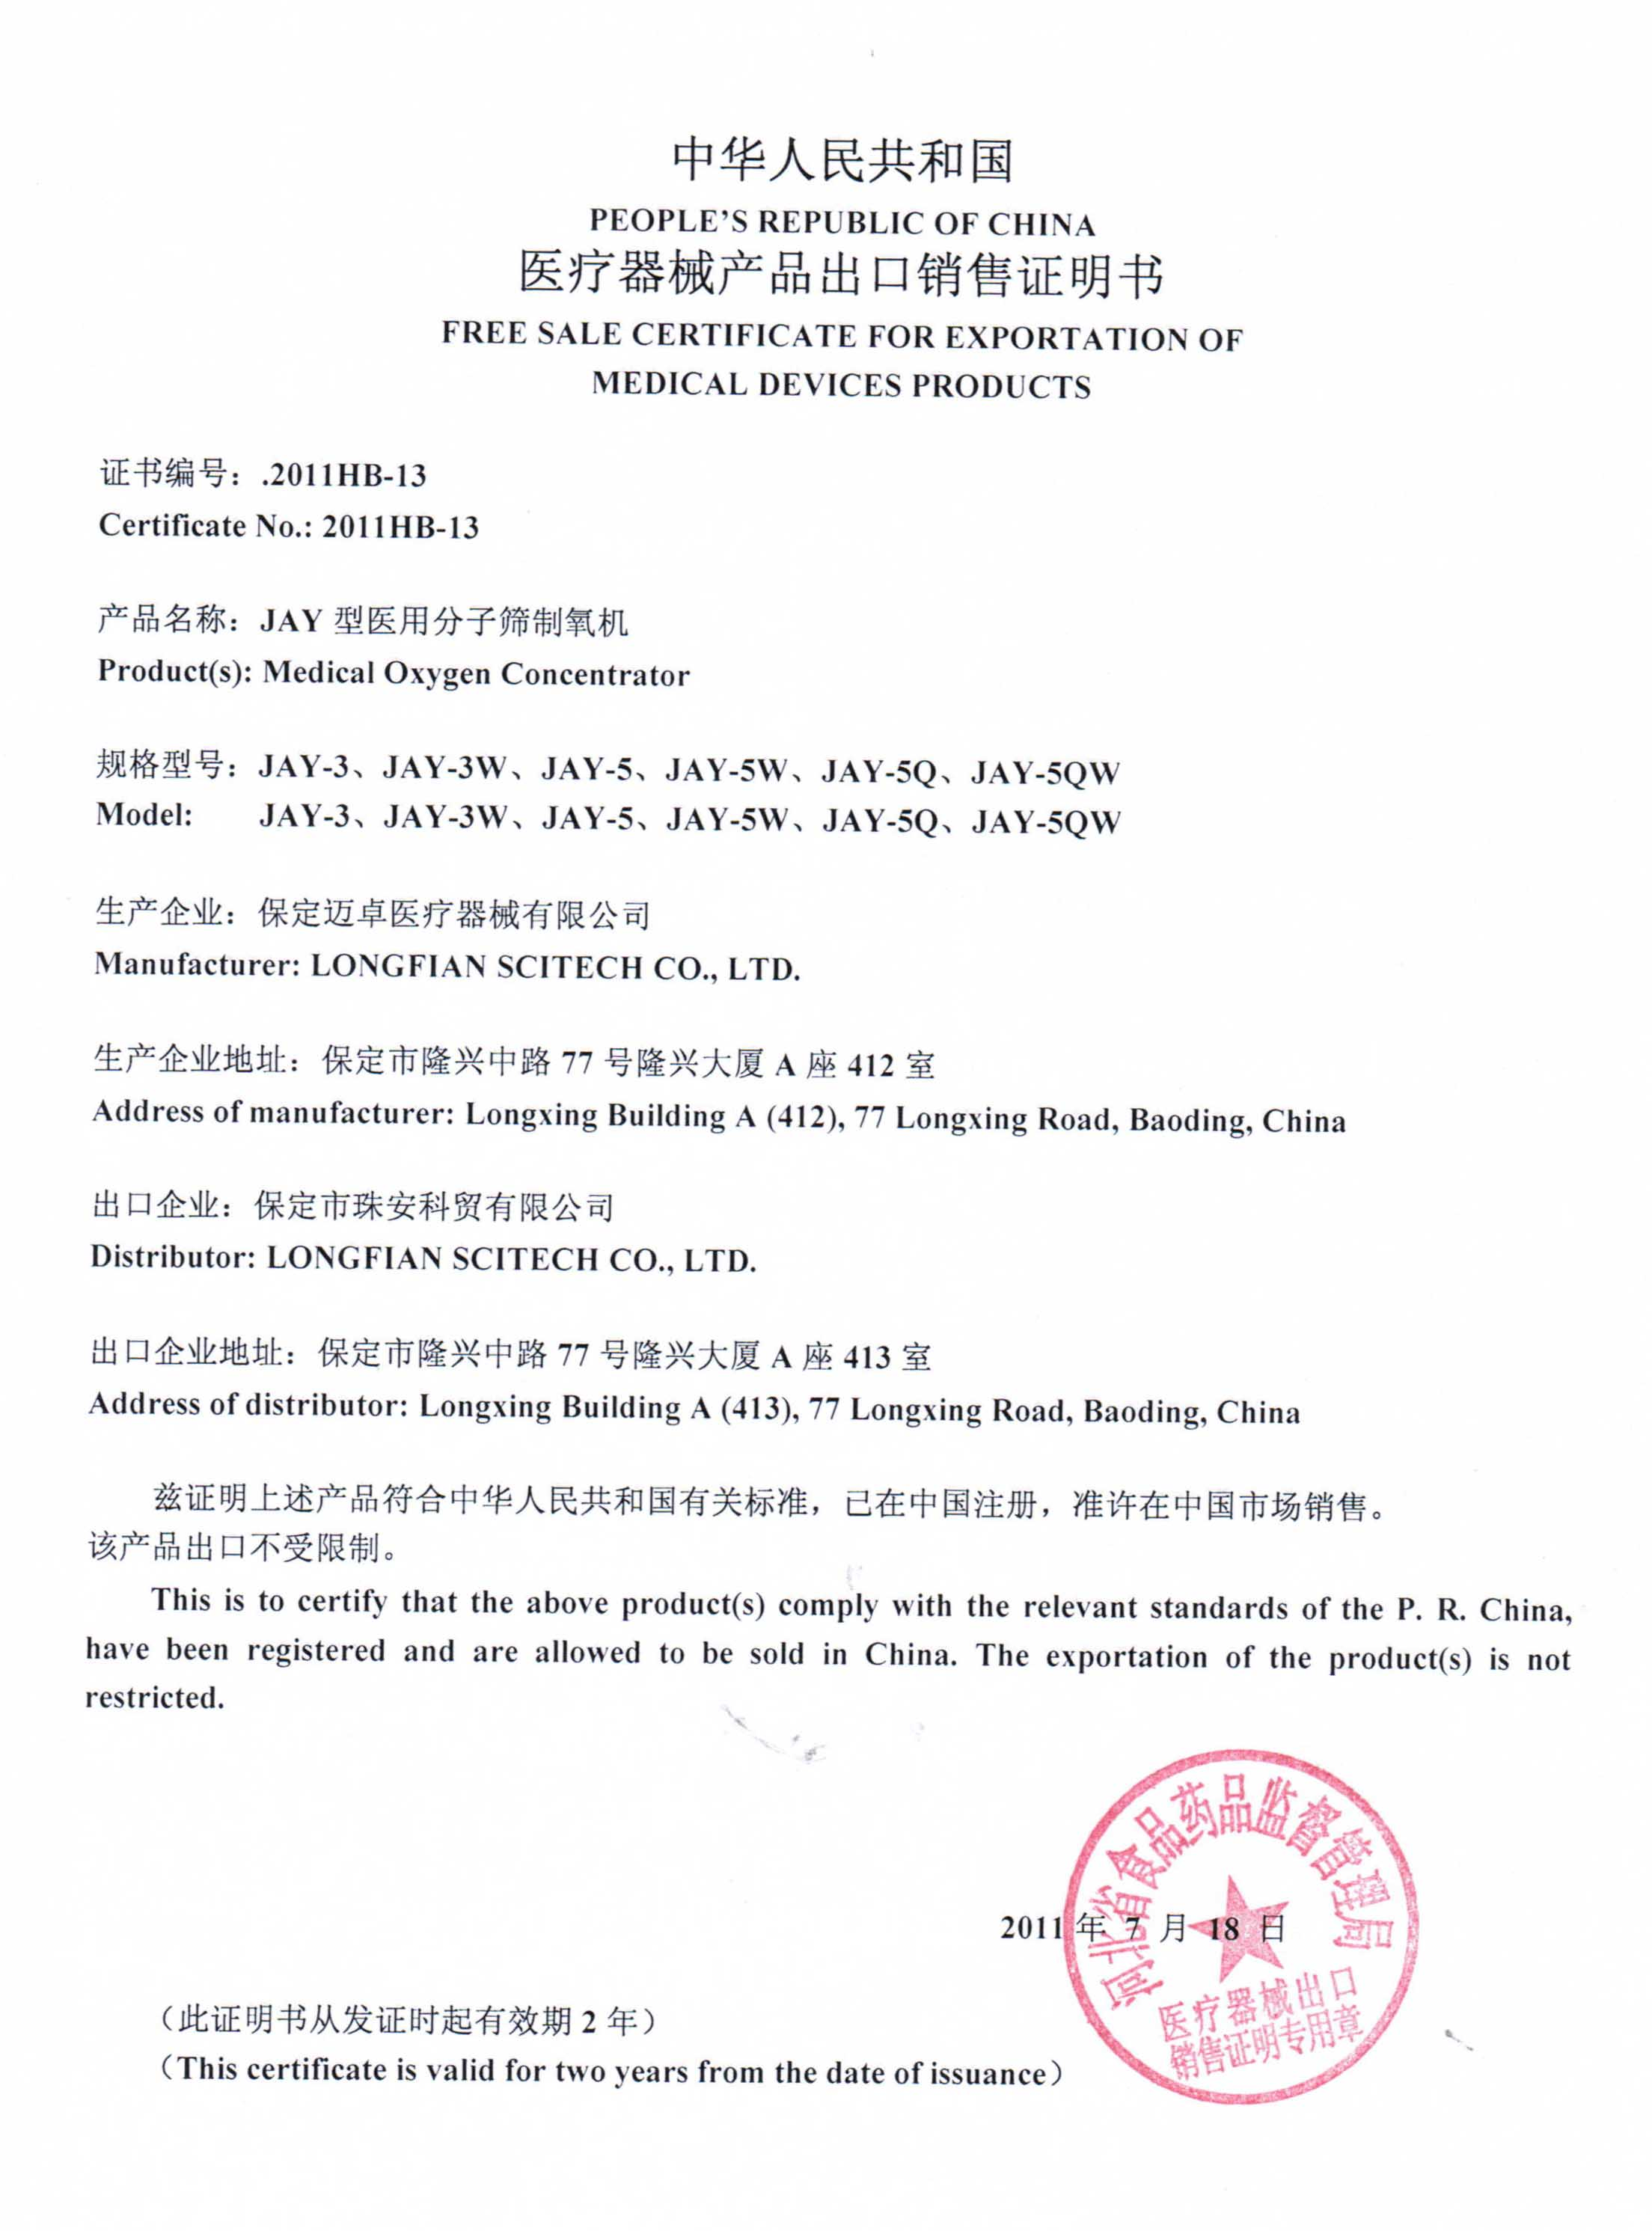 sle of certificate free sale certificate longfian scitech co ltd